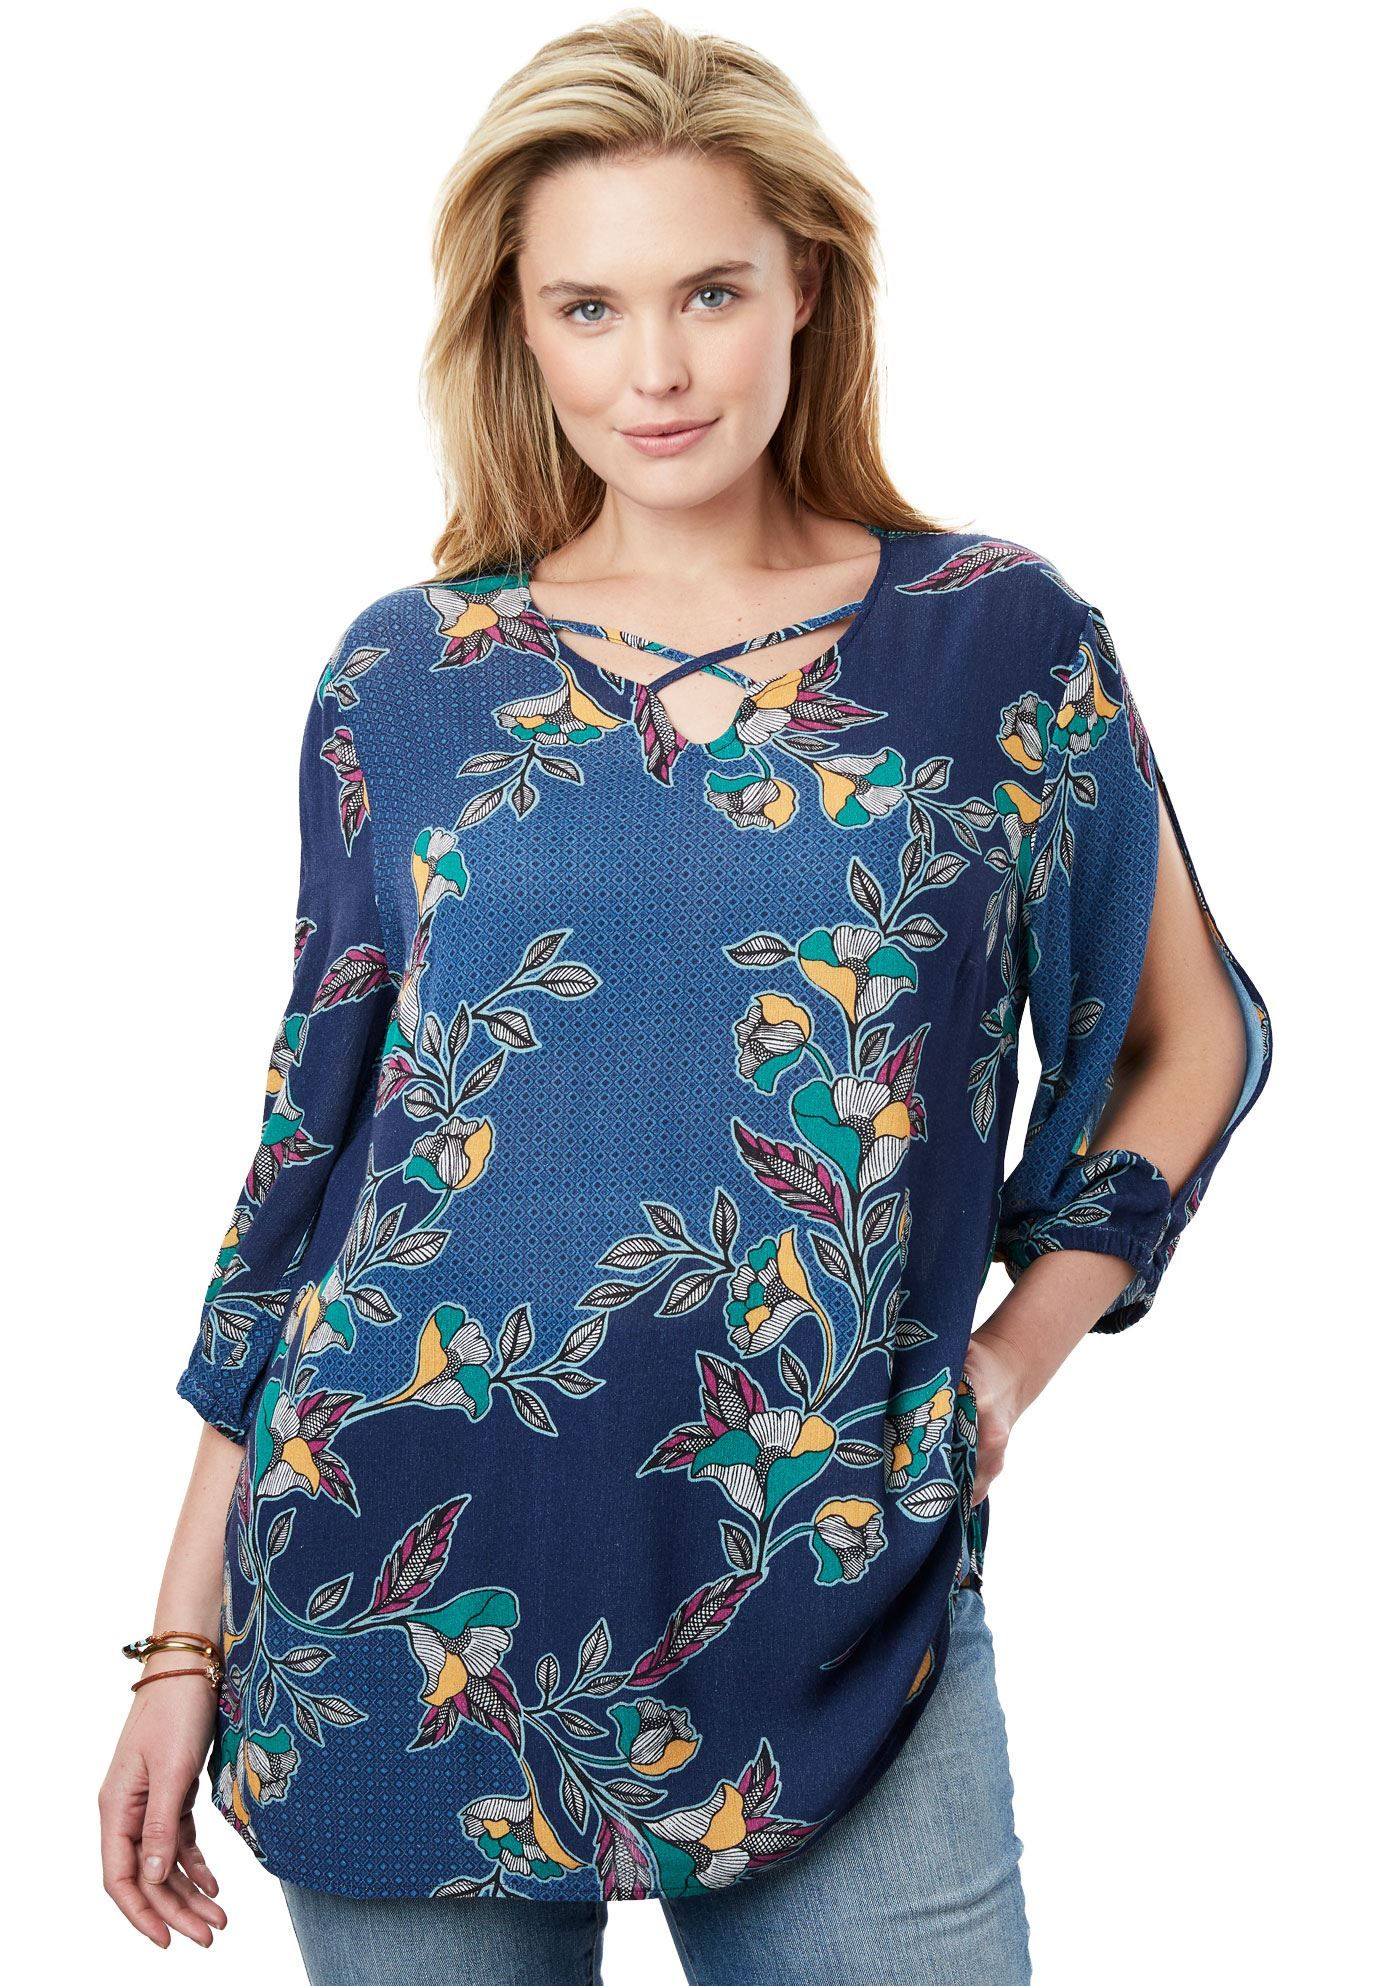 a7961374e9b0b9 Textured Gauze Shirt - Women s Plus Size Clothing